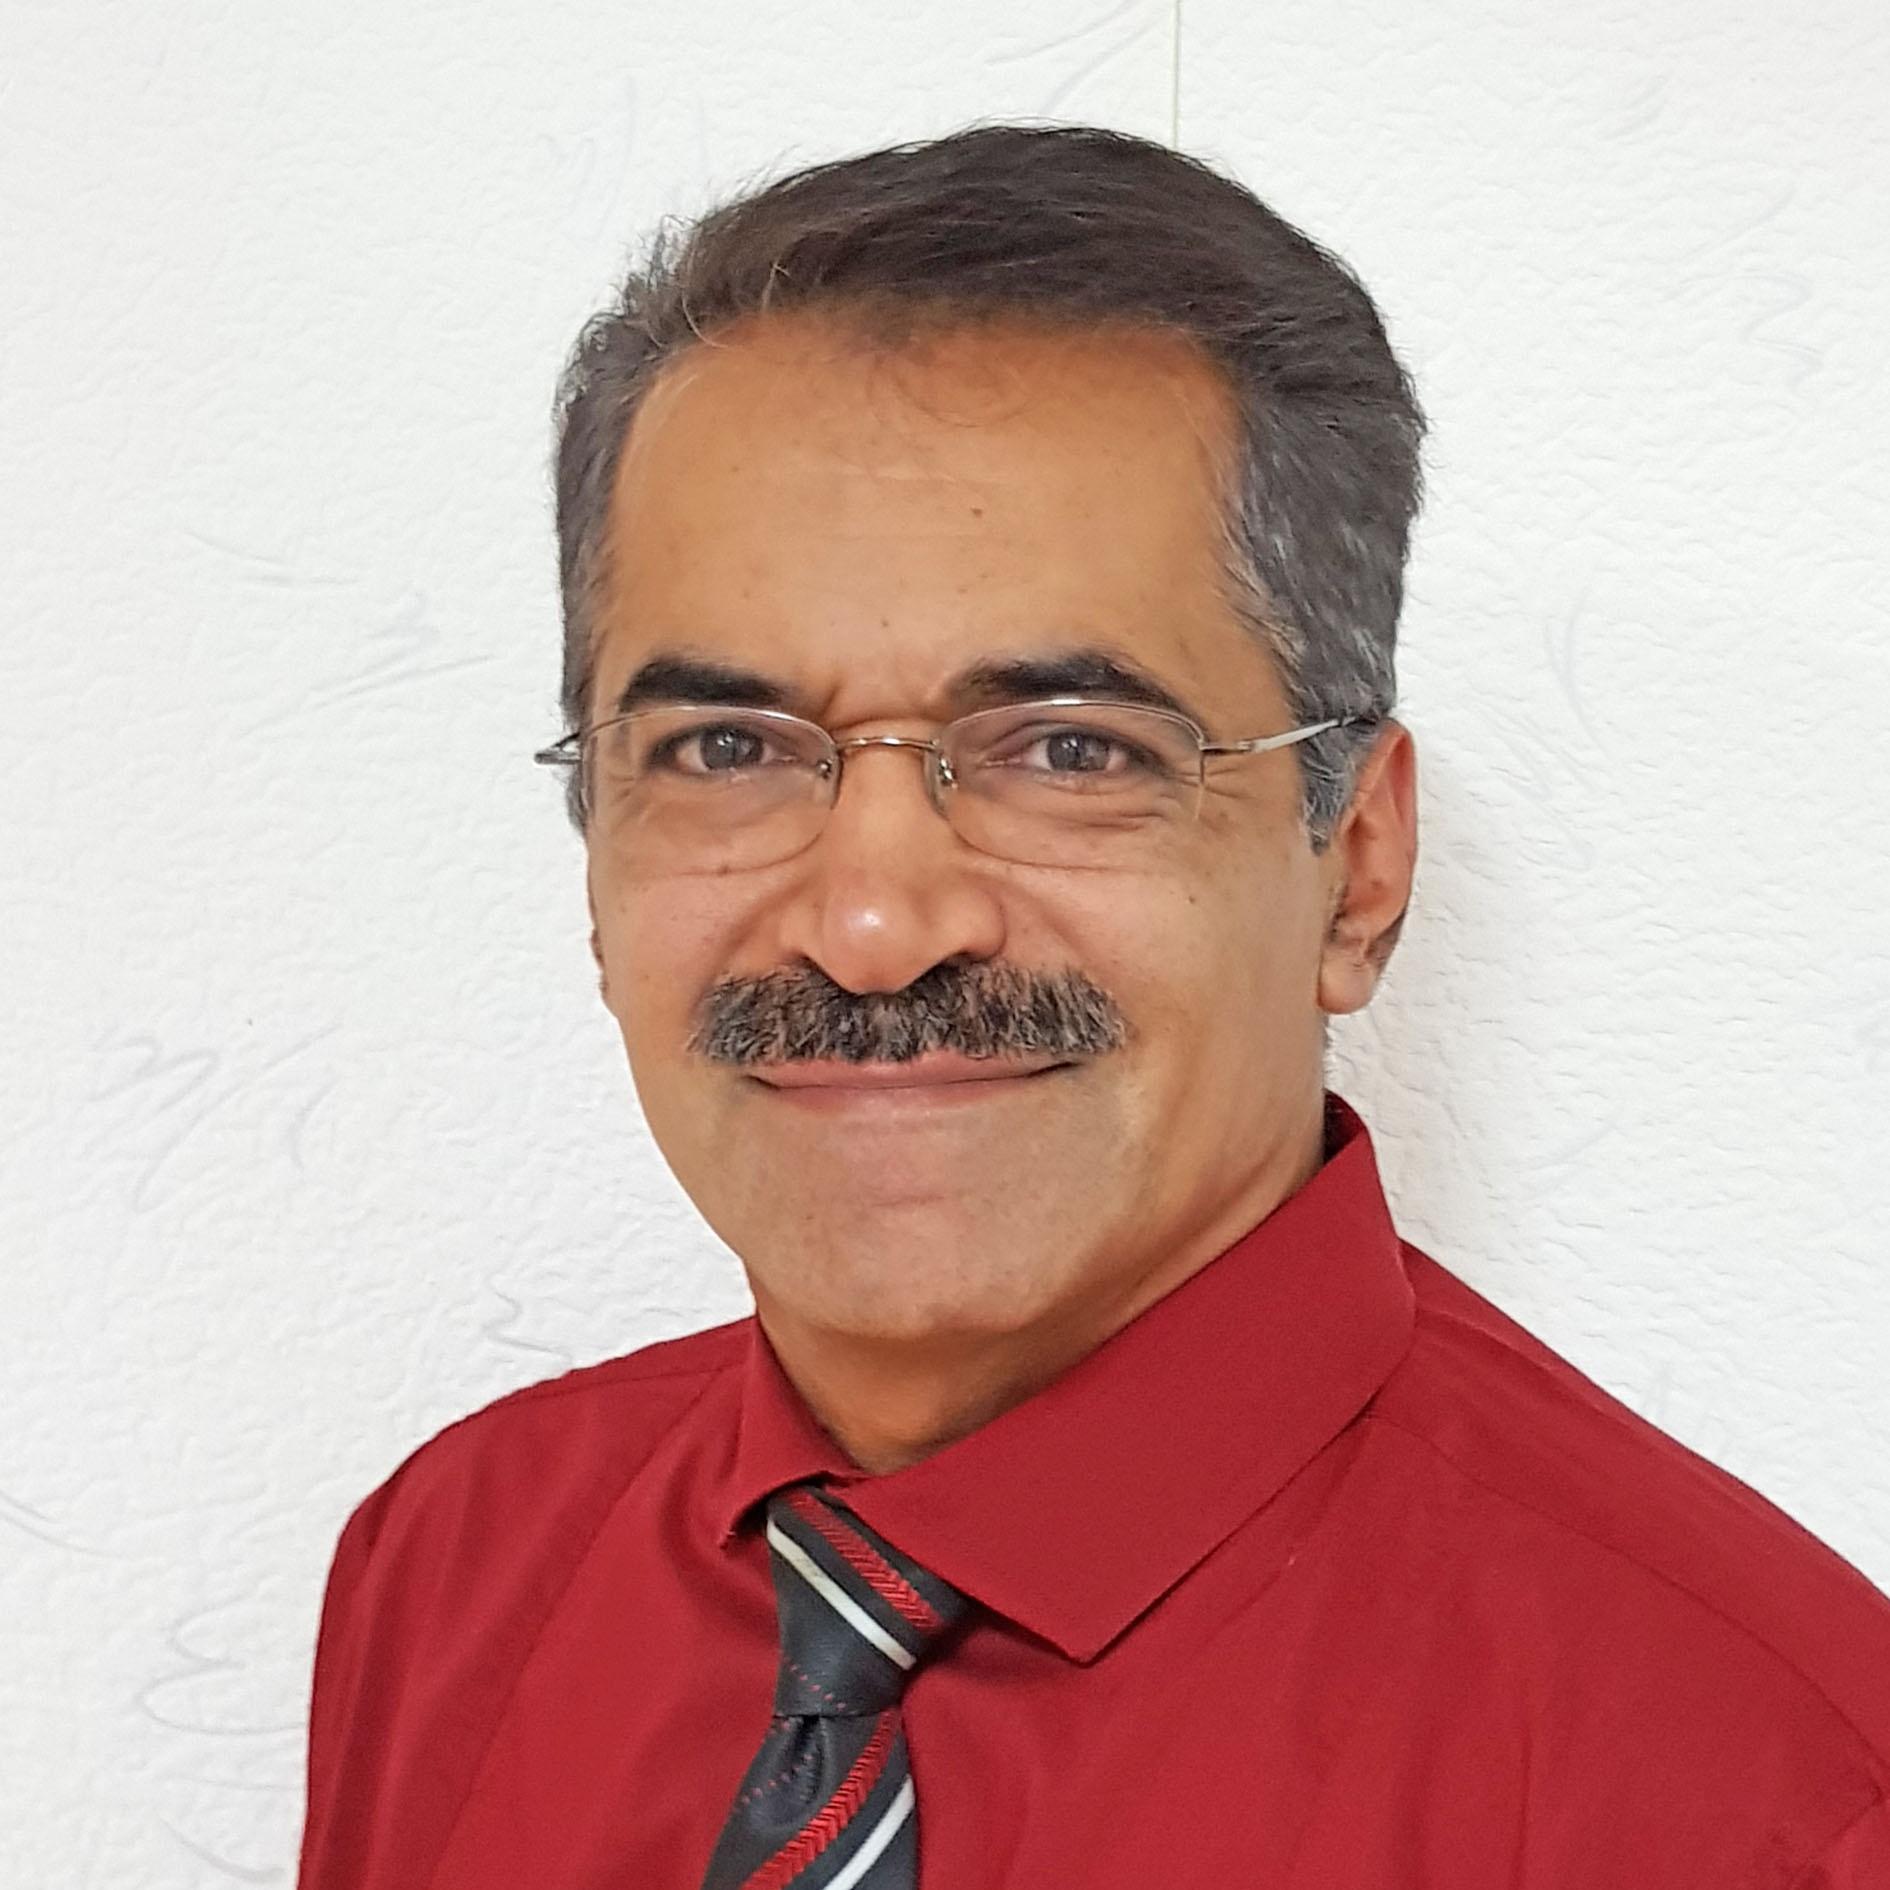 """Projekt """"Seelsorge für persischsprachige Christen"""" beginnt Einführung von Pastor Mehrdad Sepehri Fard"""